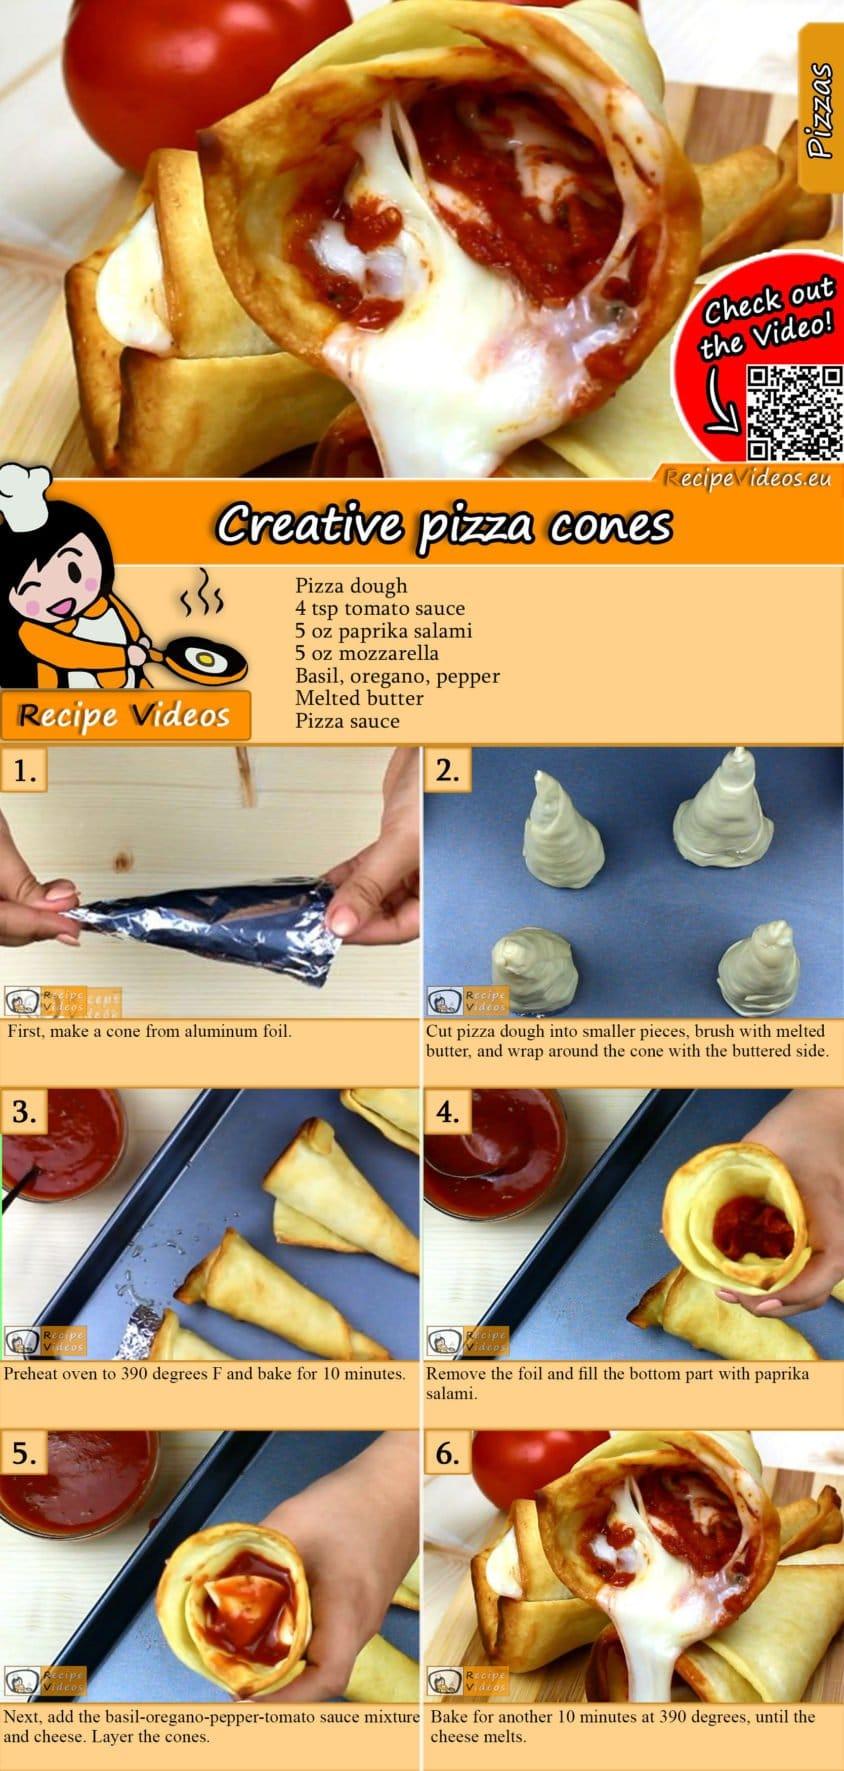 Creative pizza cones recipe with video